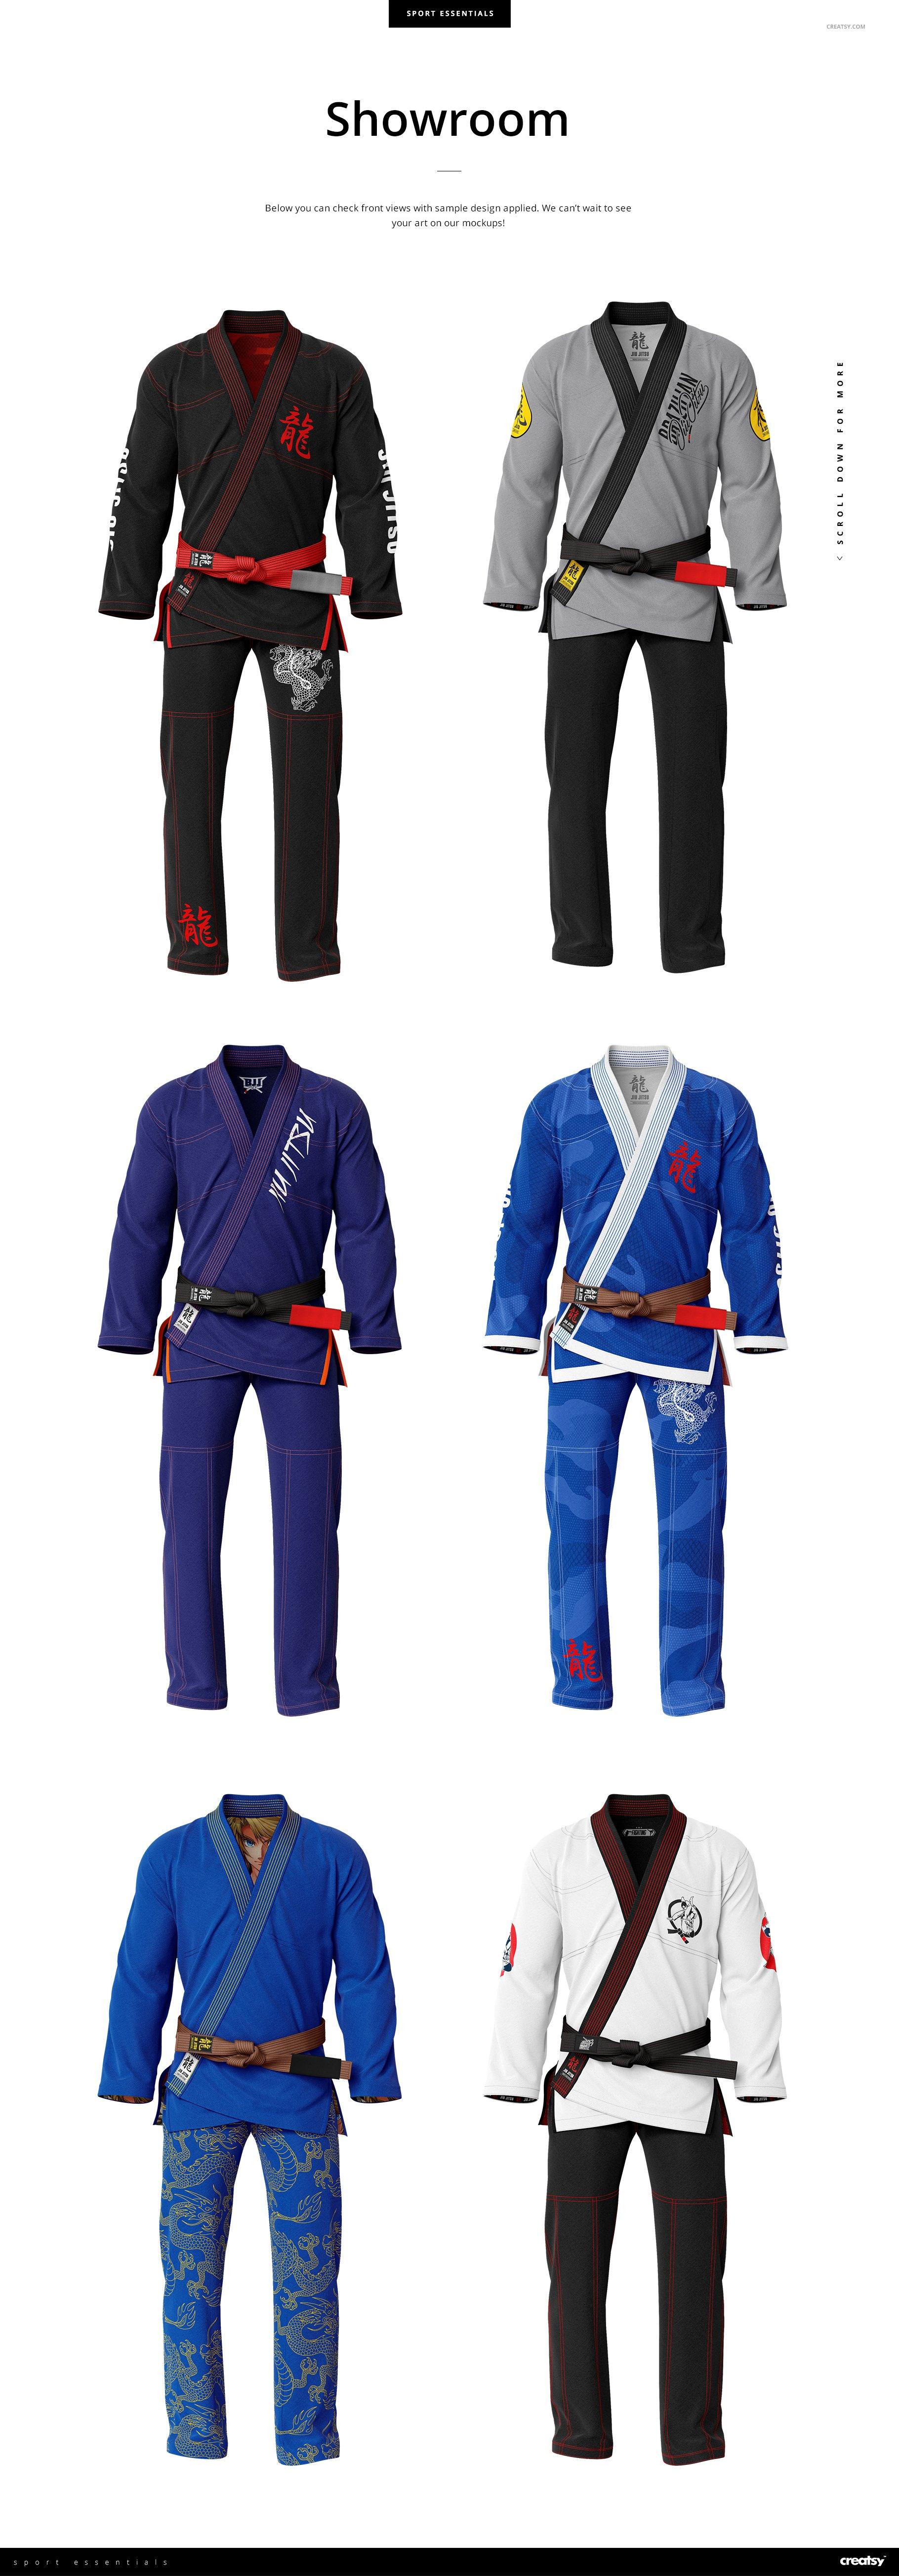 巴西柔术专用服装武功武术服装设计样机模板designshidai_yj870